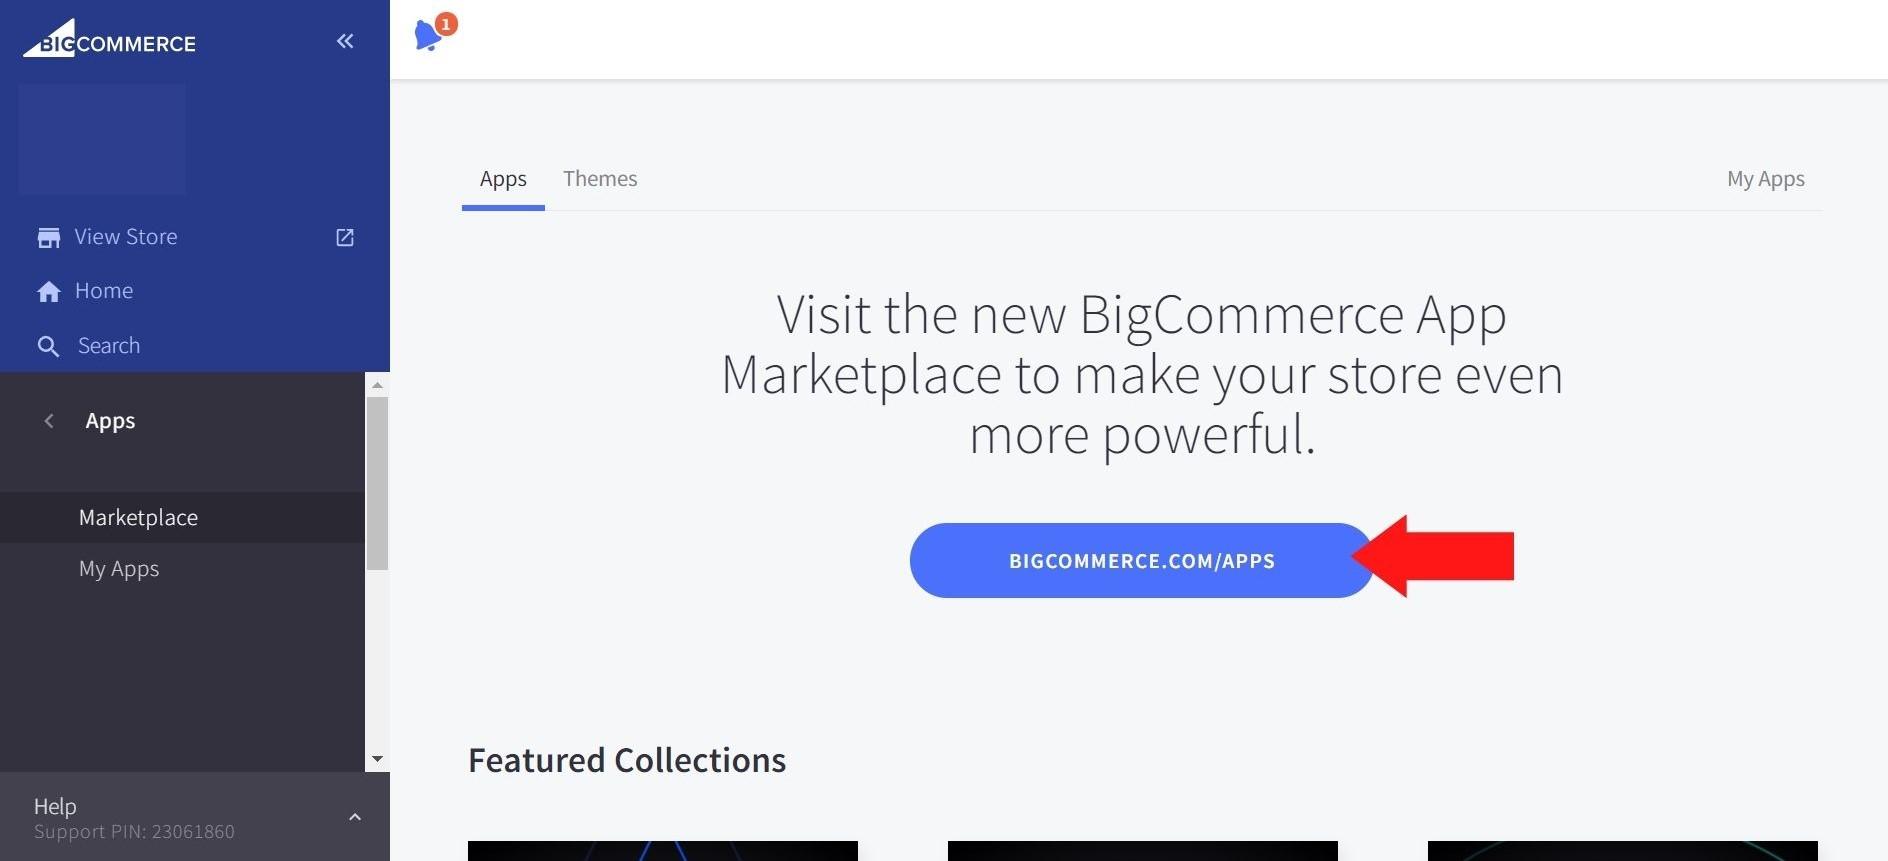 BigCommerce App Marketplace